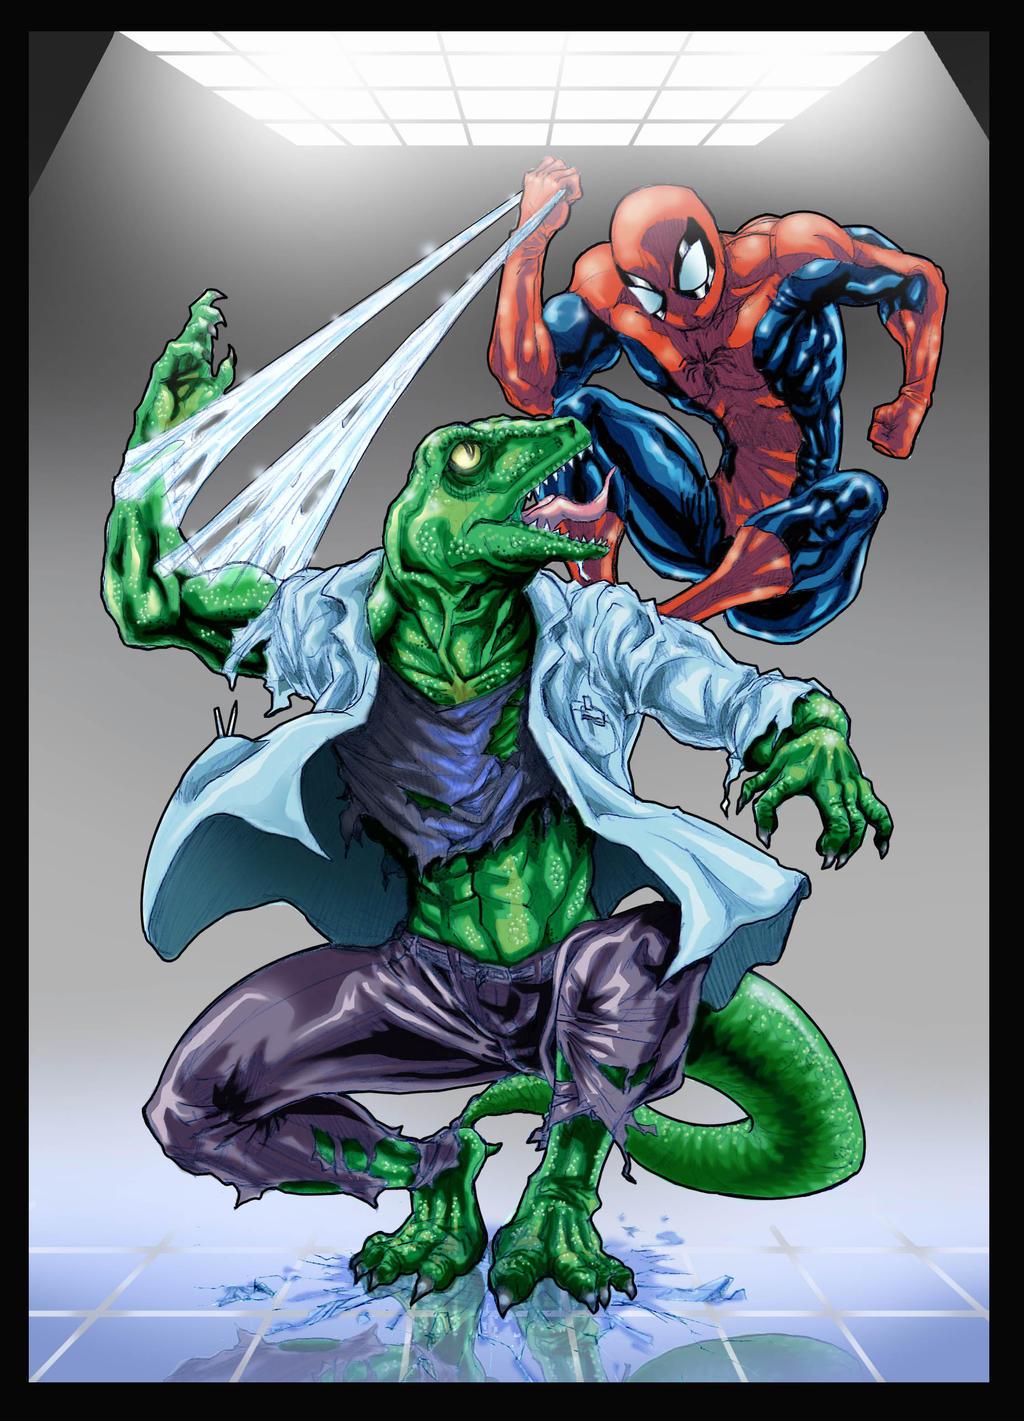 Lizard vs Spider-Man by sonicboom35 on DeviantArt